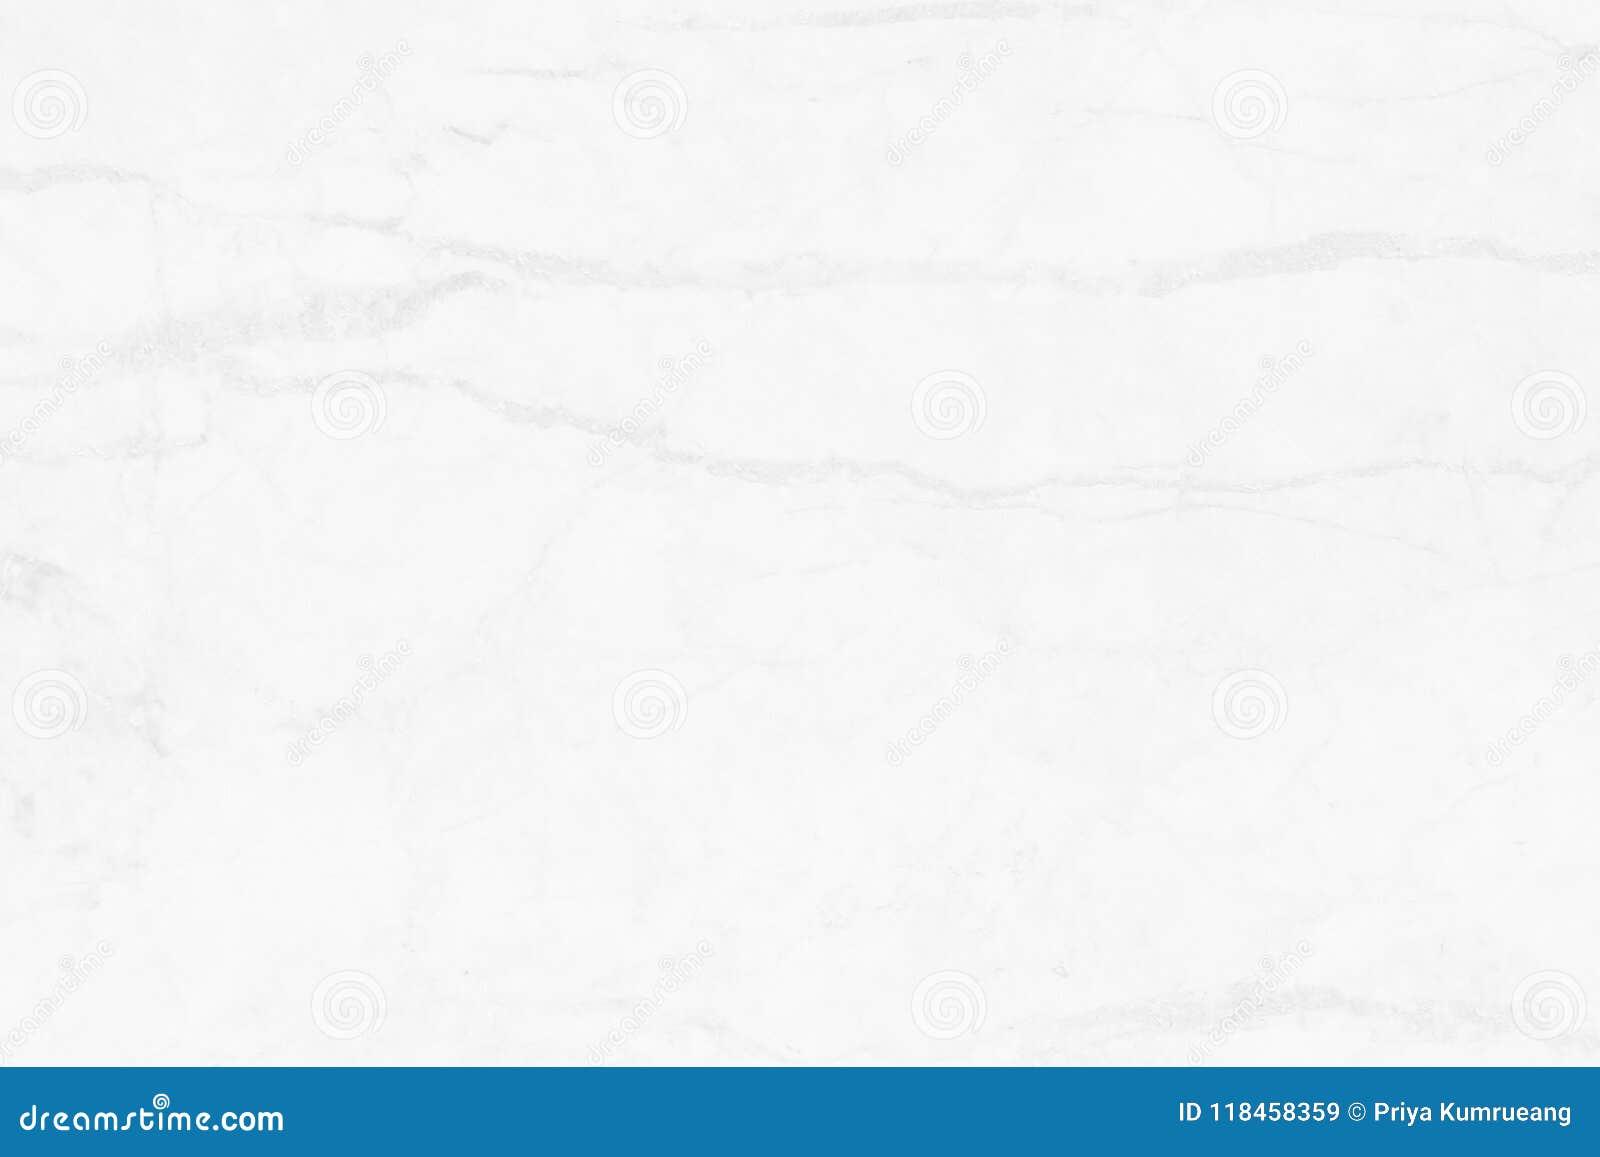 用于背景或设计的白色大理石